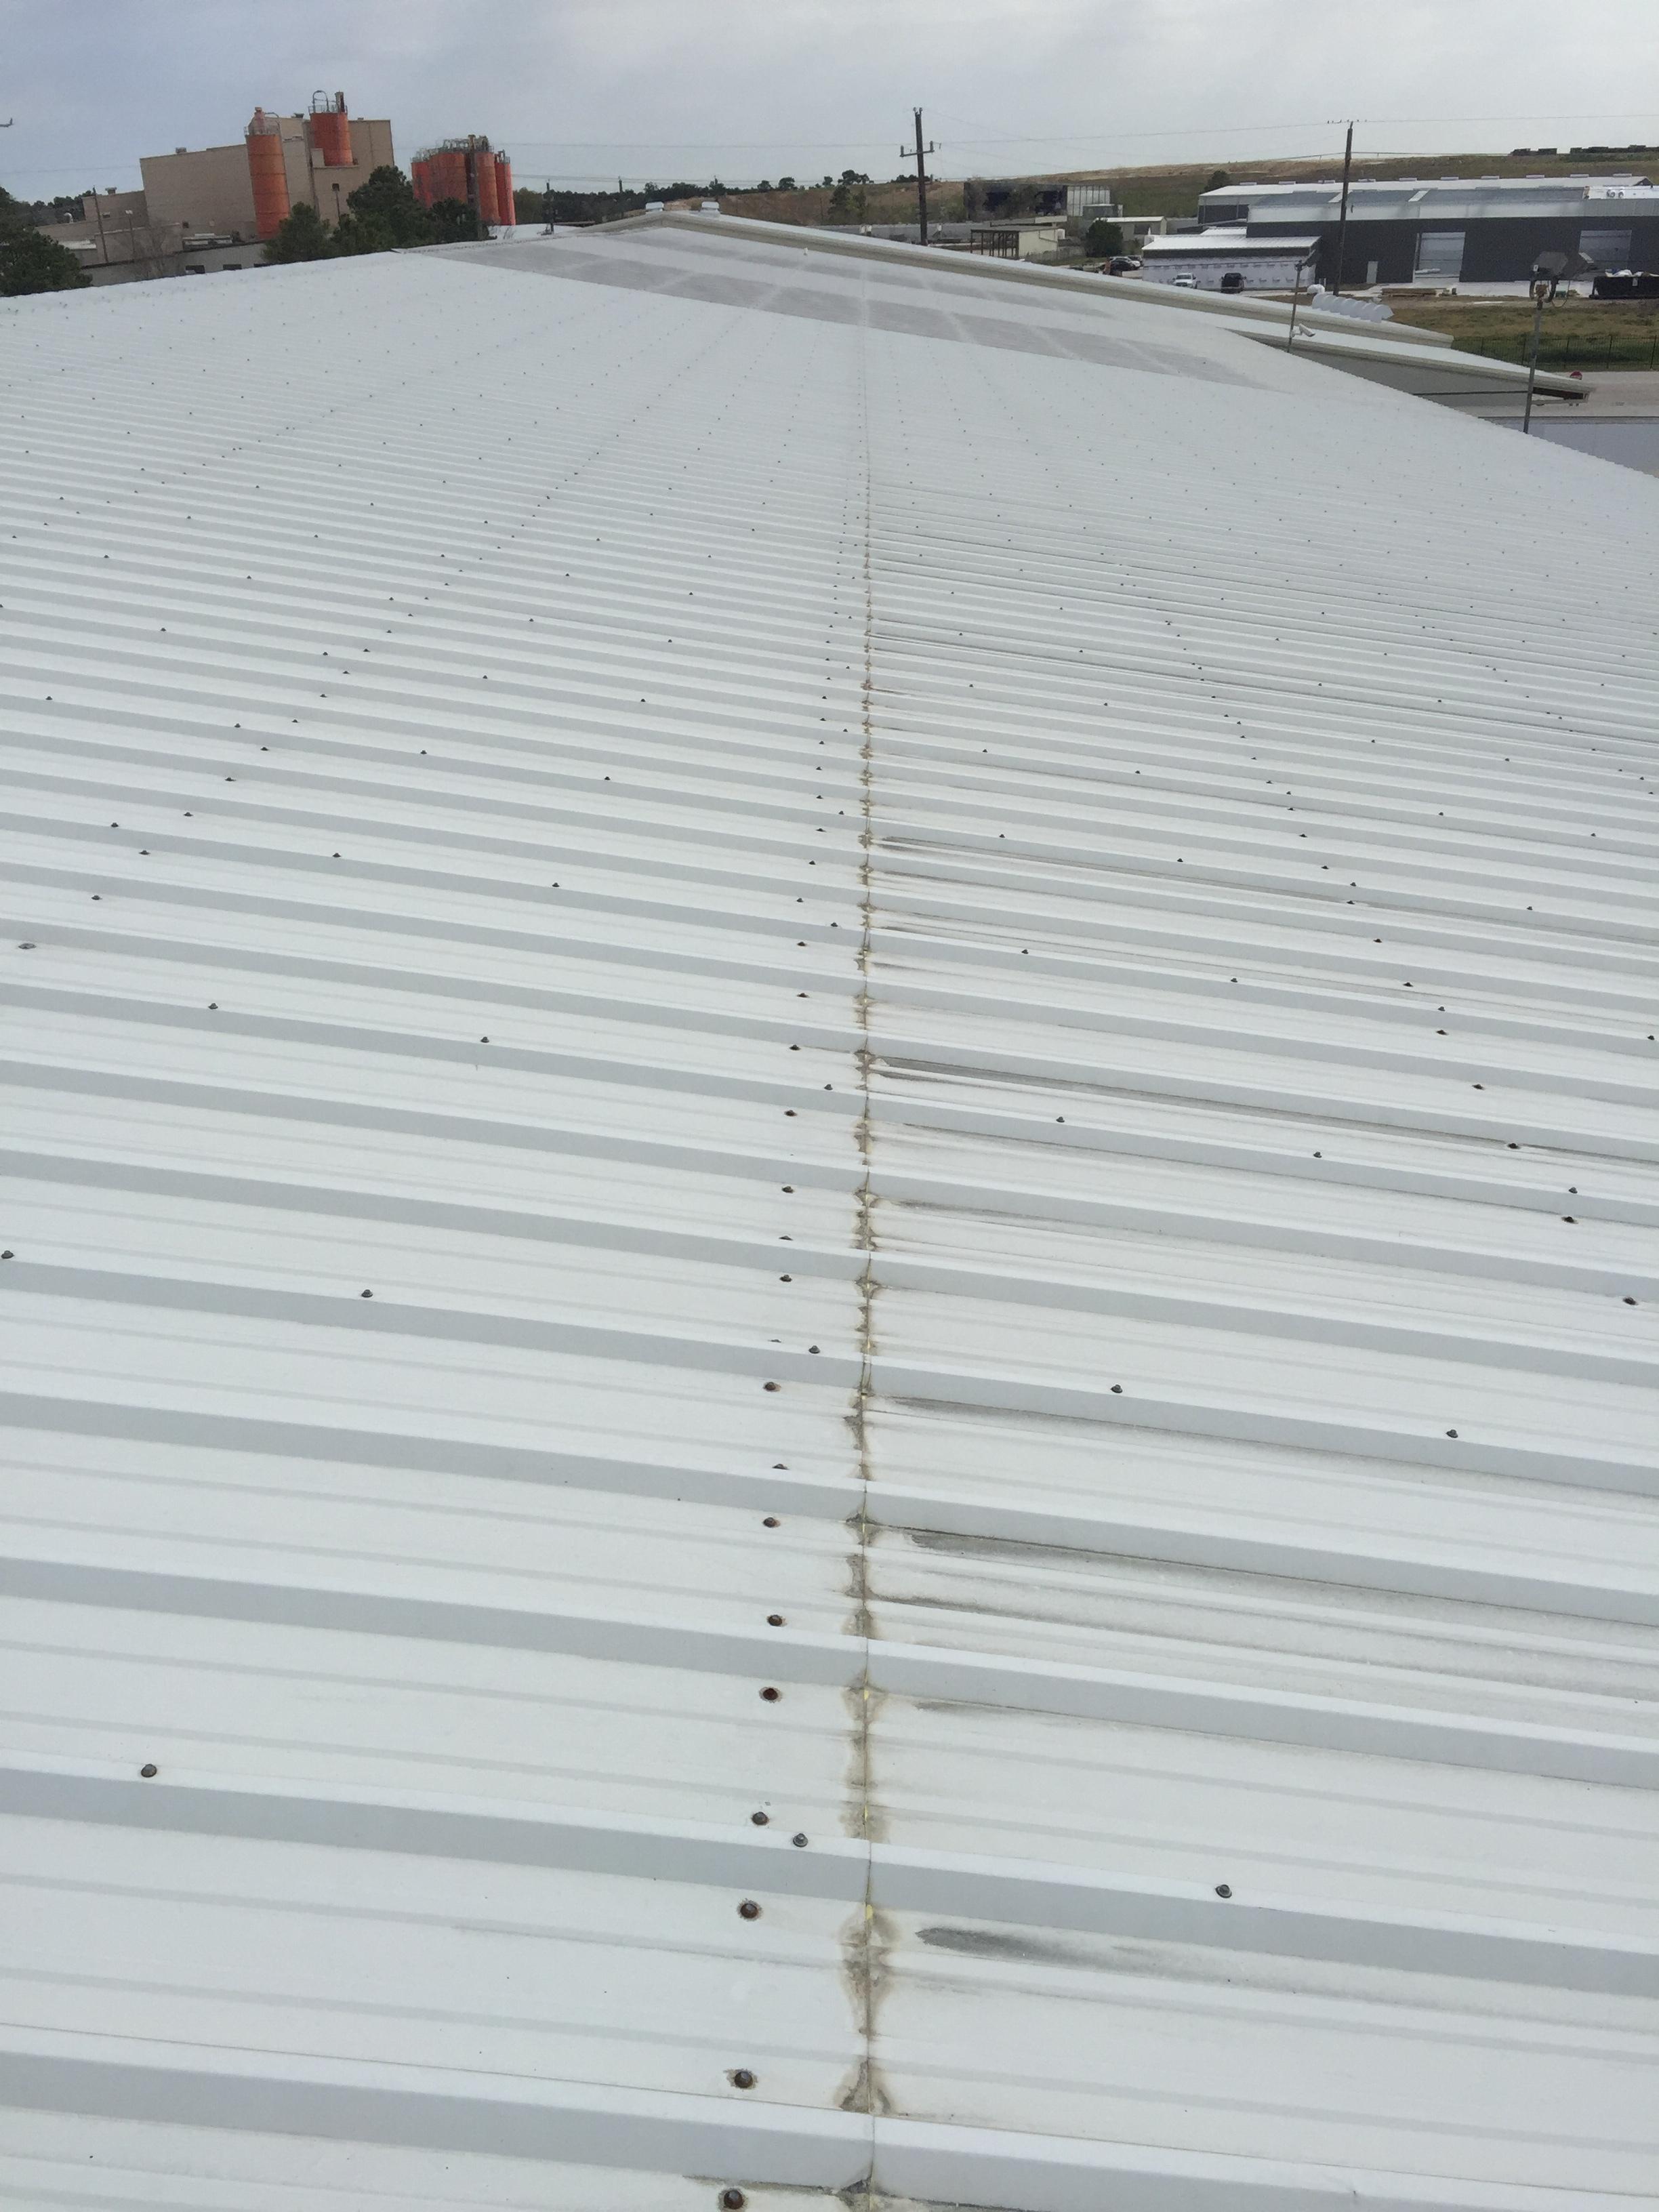 Full roof inspection